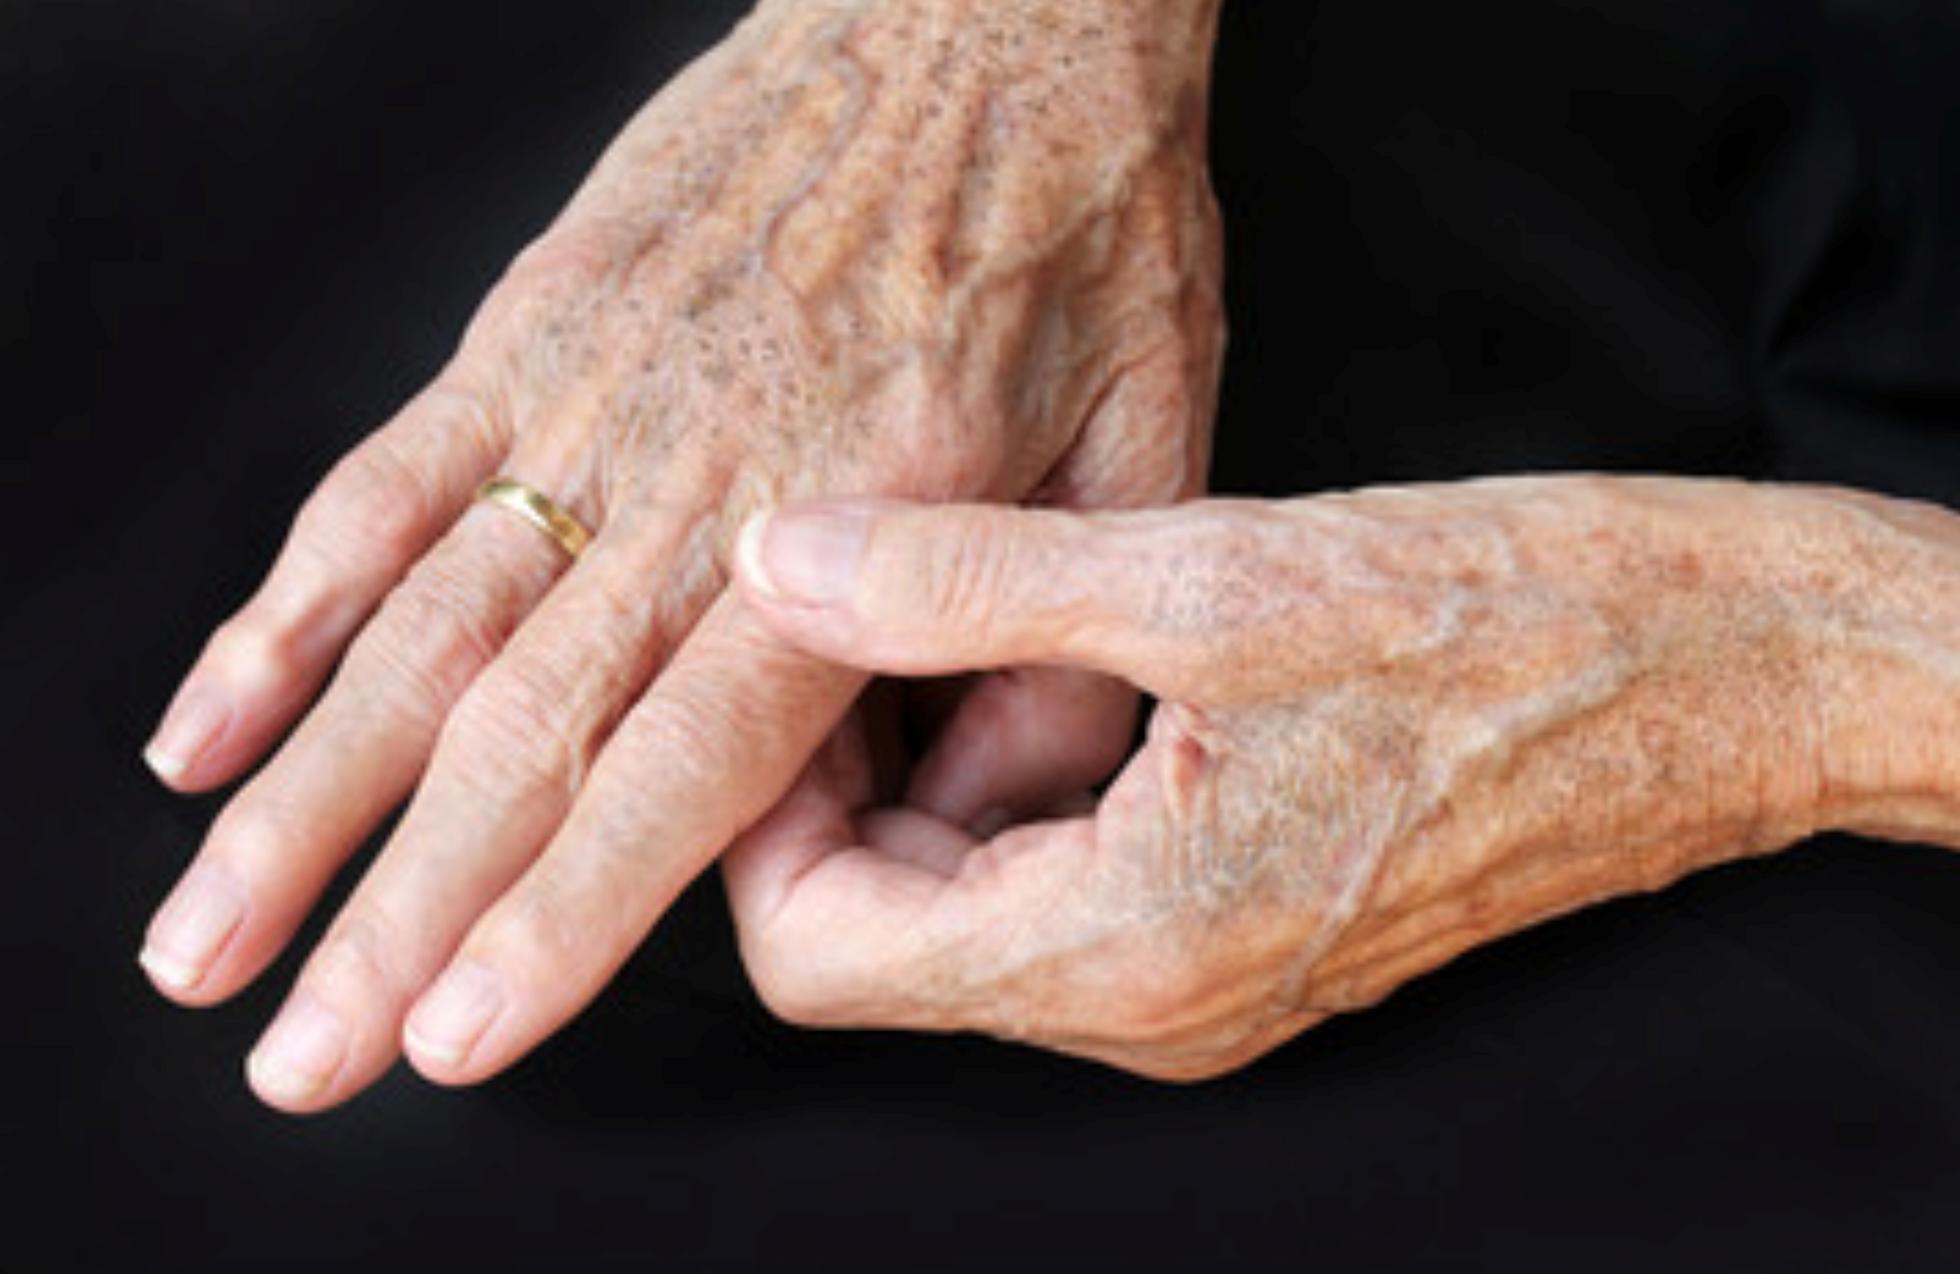 Ringiovanimento delle mani: i rimedi per mani più giovani